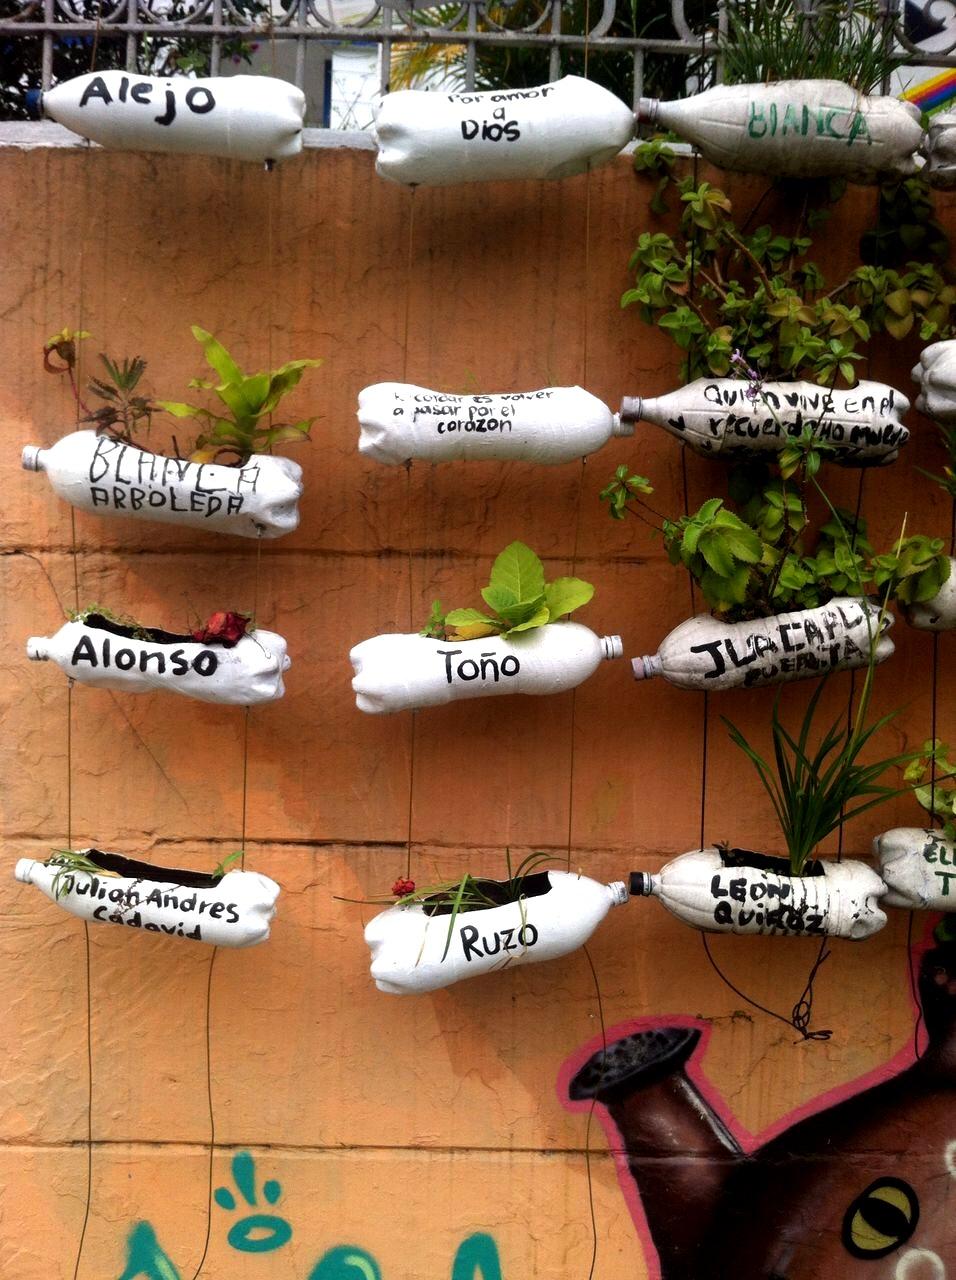 Aquí una muestra del trabajo de Agro Arte, donde adoptan una planta con el nombre de jóvenes o personas asesinadas o desaparecidas en la zona, en su memoria.